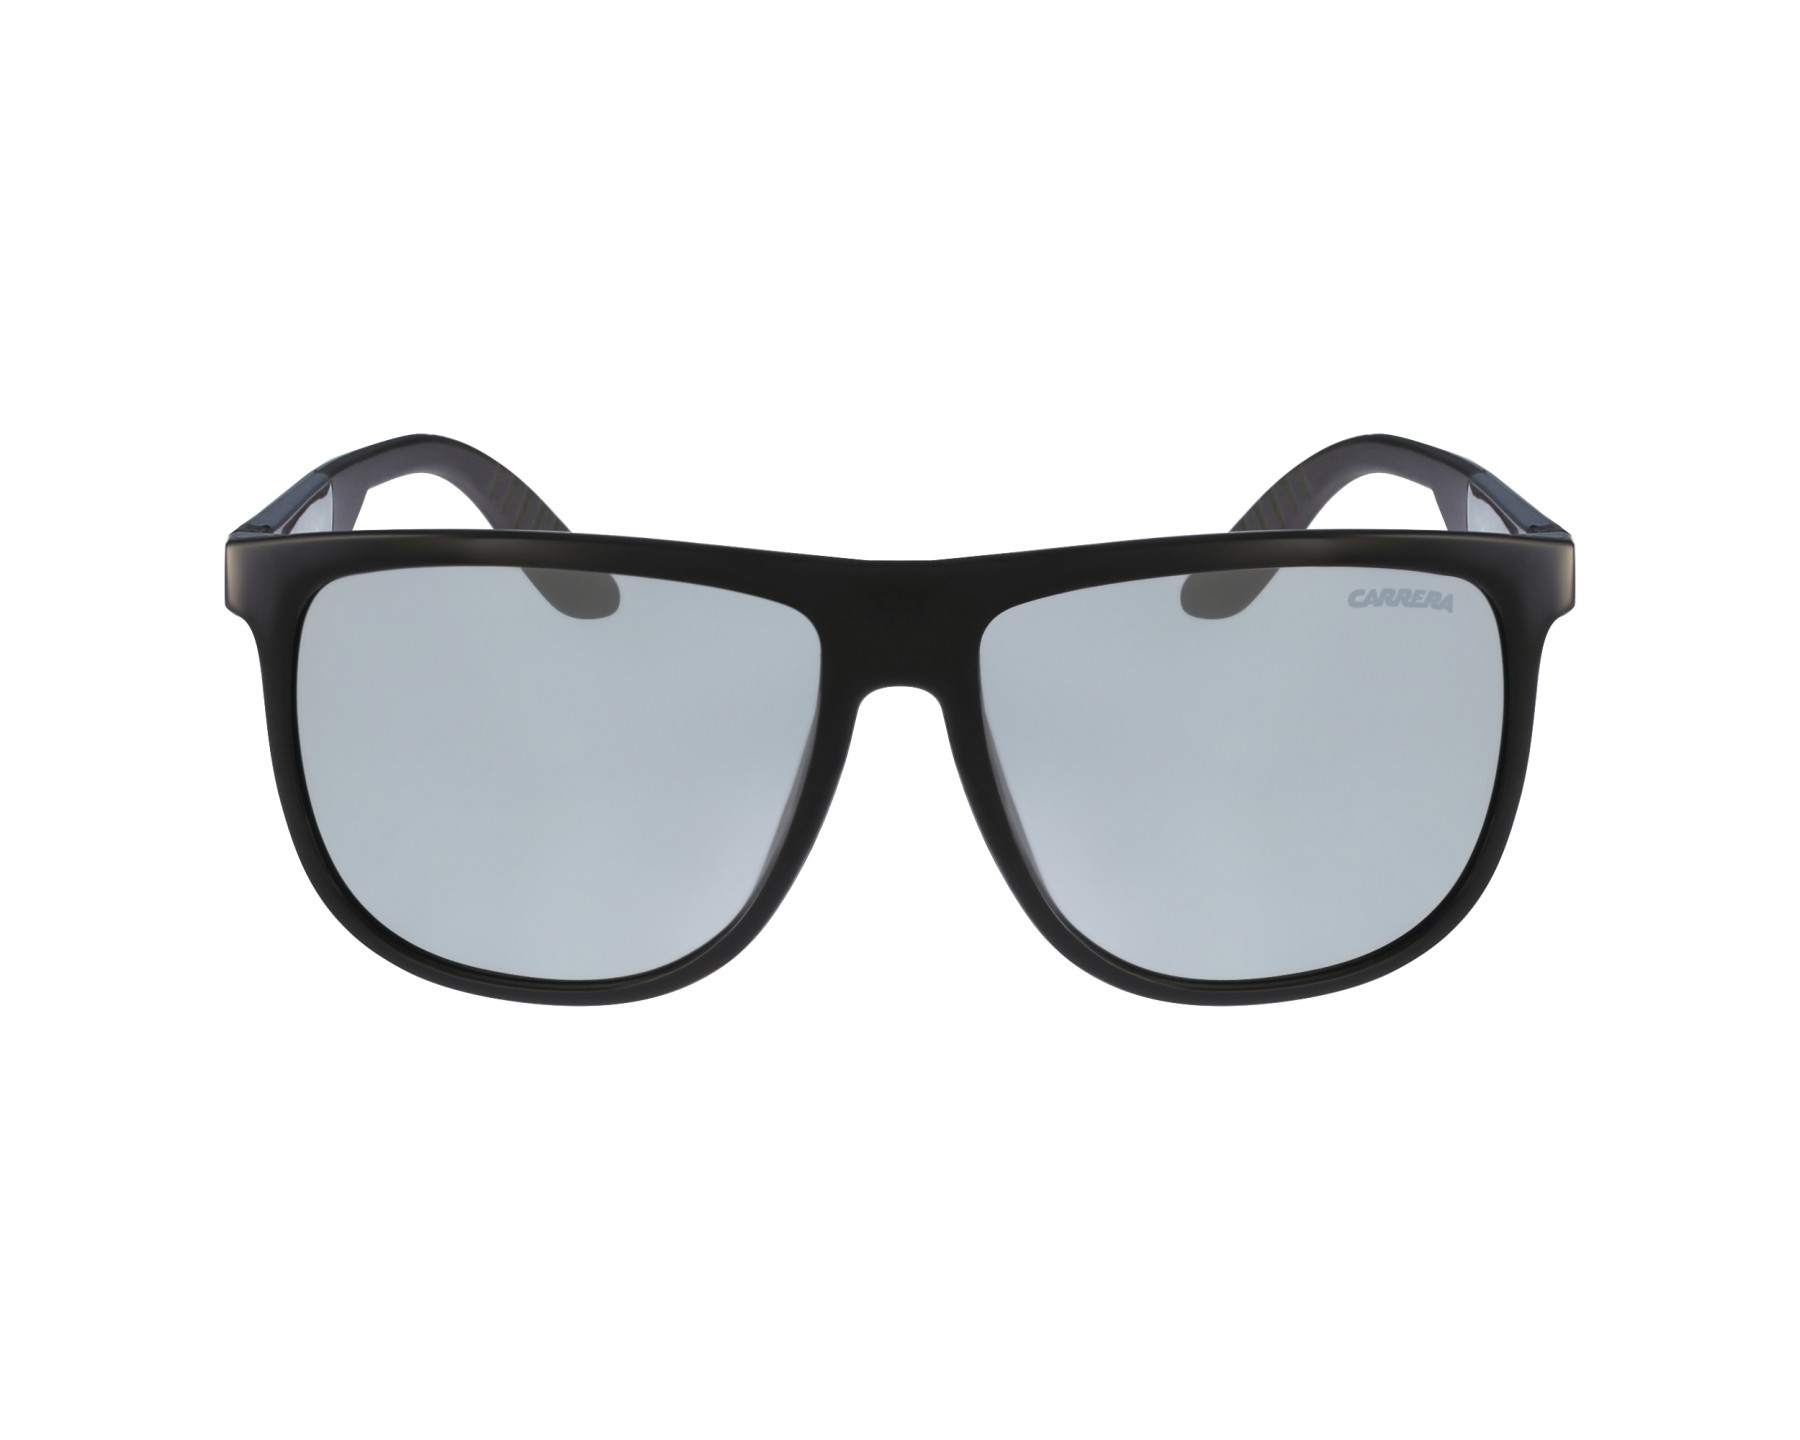 aca4a0de6632a Lunettes de soleil Carrera 5003-SP I6V 3R - Noir vue de profil